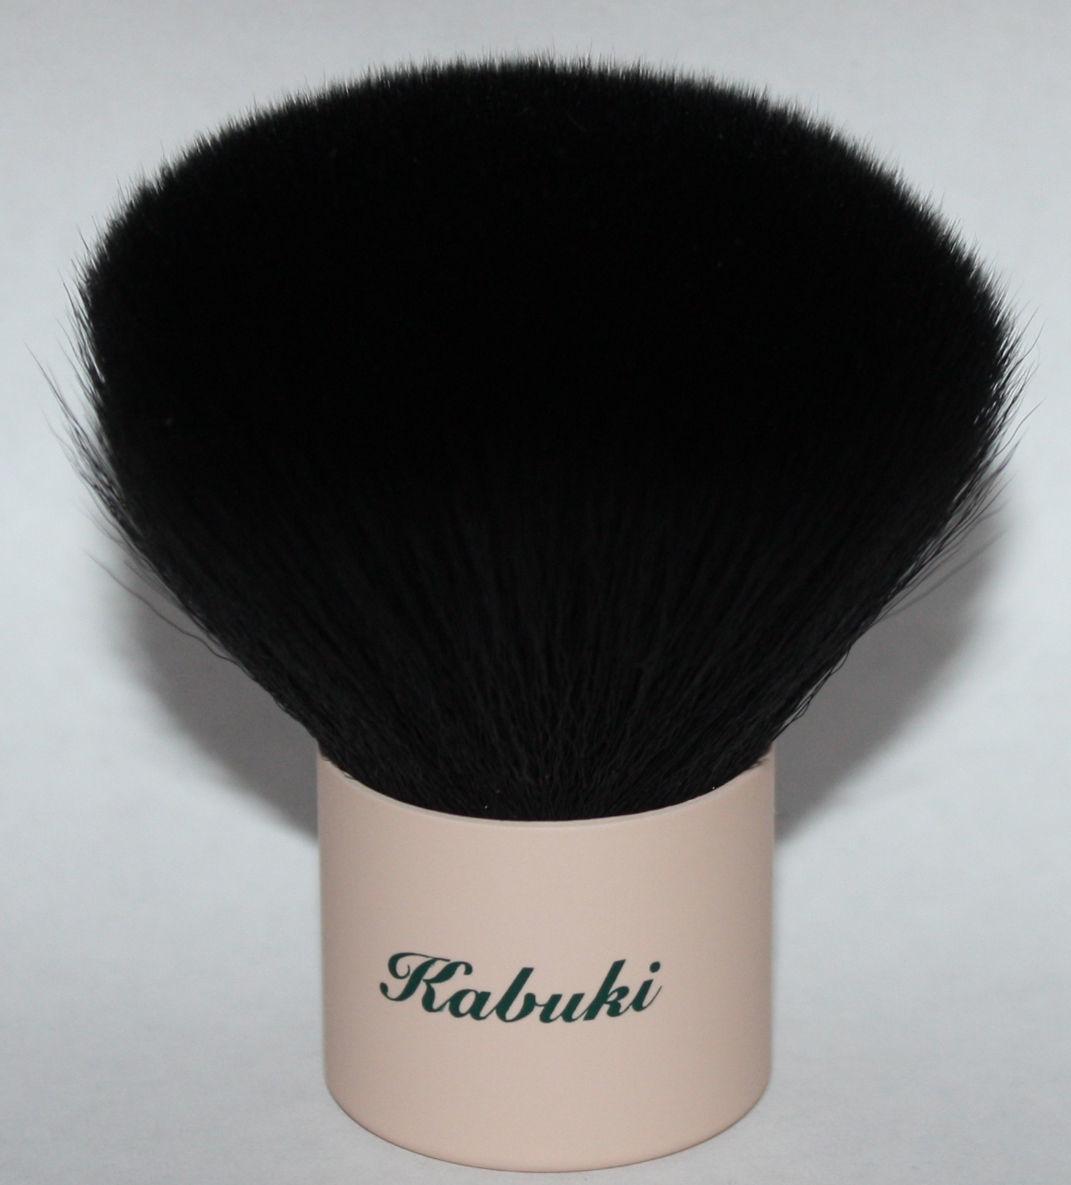 Cream Kabuki Brush